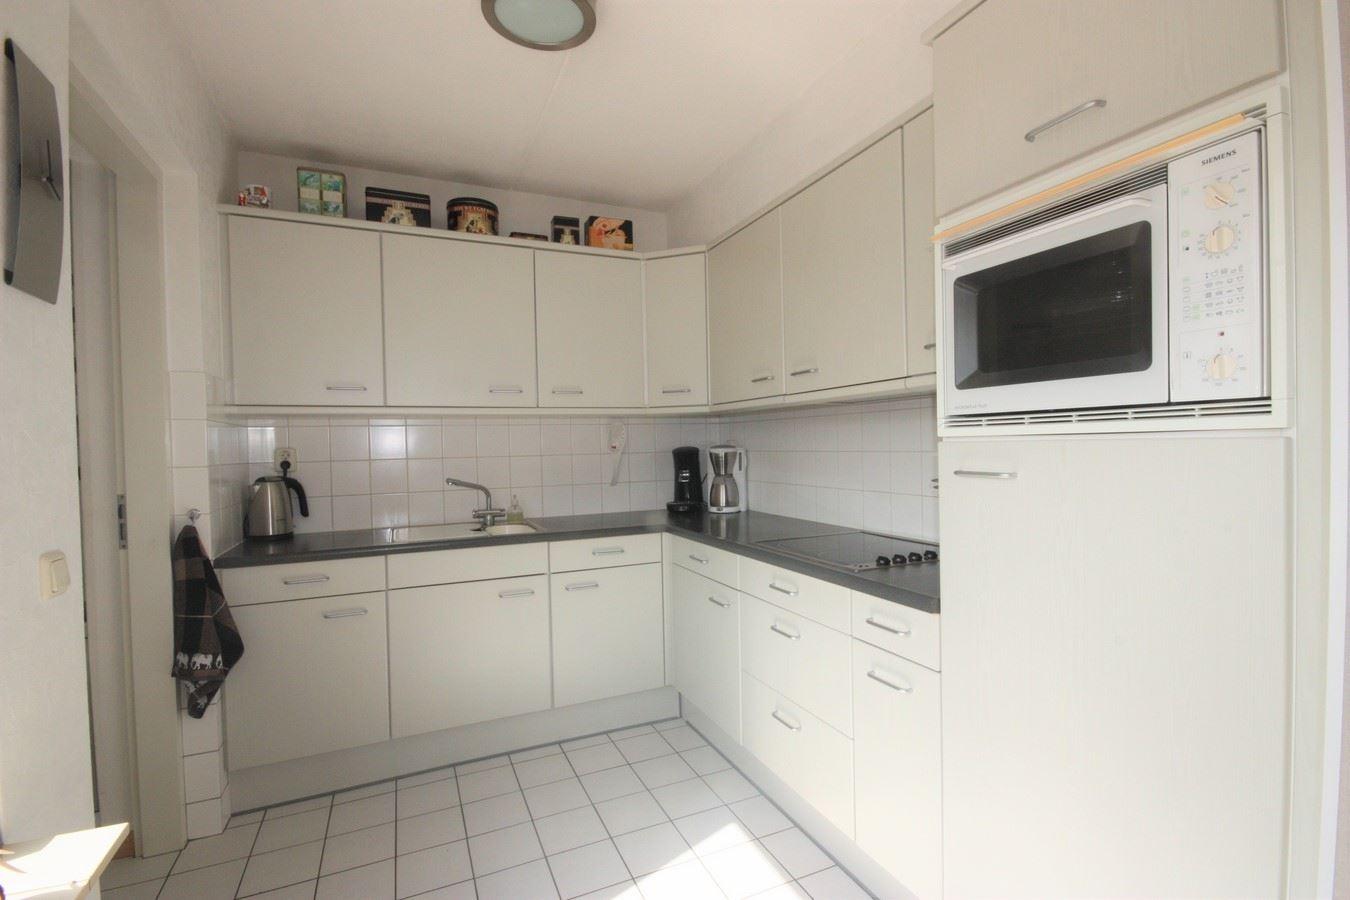 keuken tegels emmeloord : Huis Te Koop Westergolaan 7 8302 Le Emmeloord Funda